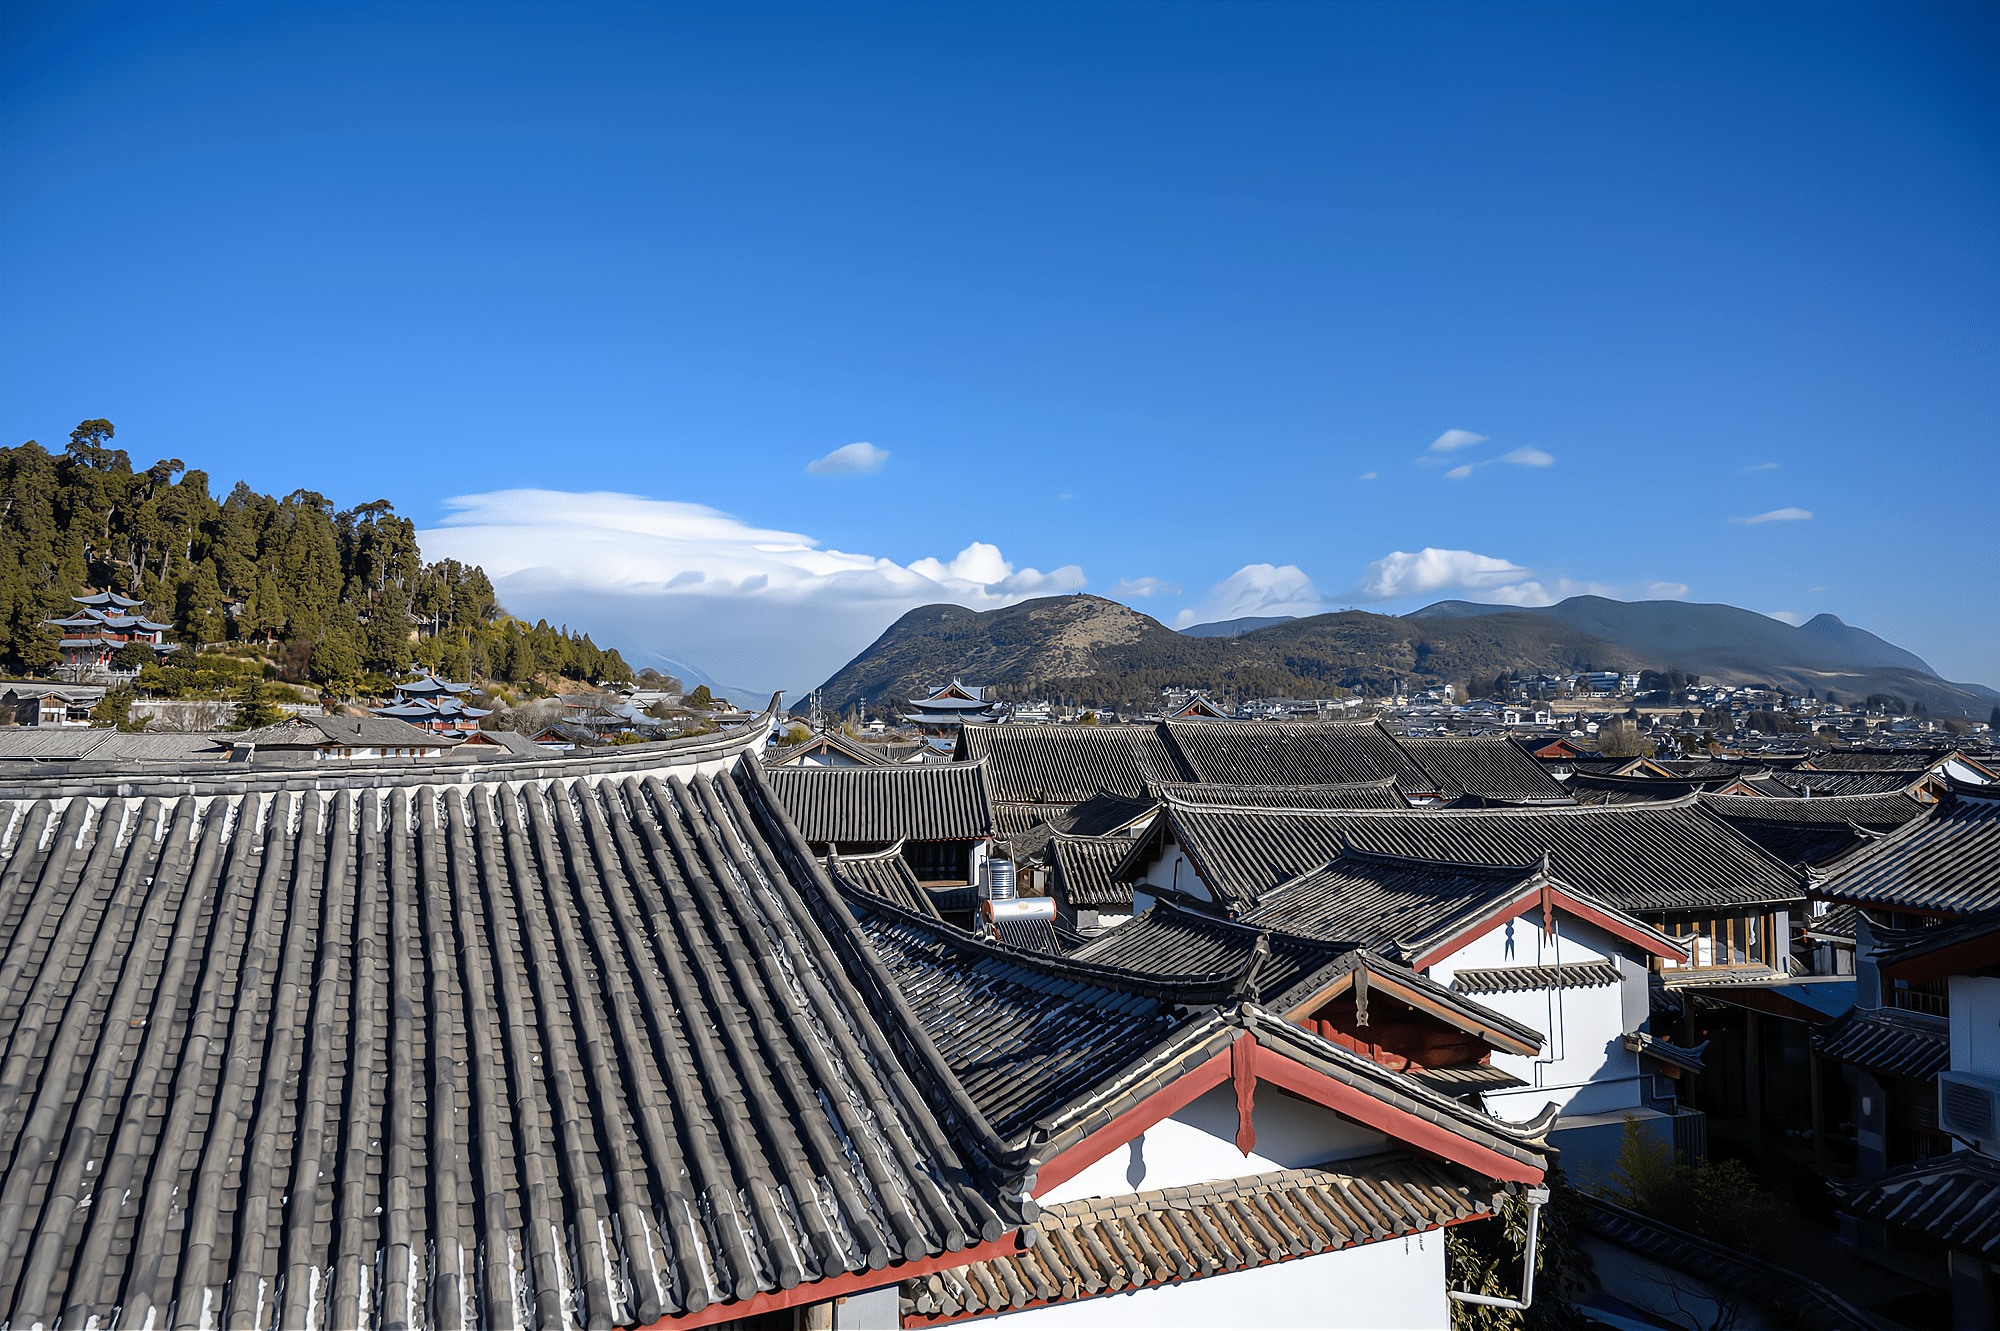 云南旅游必打卡的景点,700多年历史的古城,现为世界文化遗产